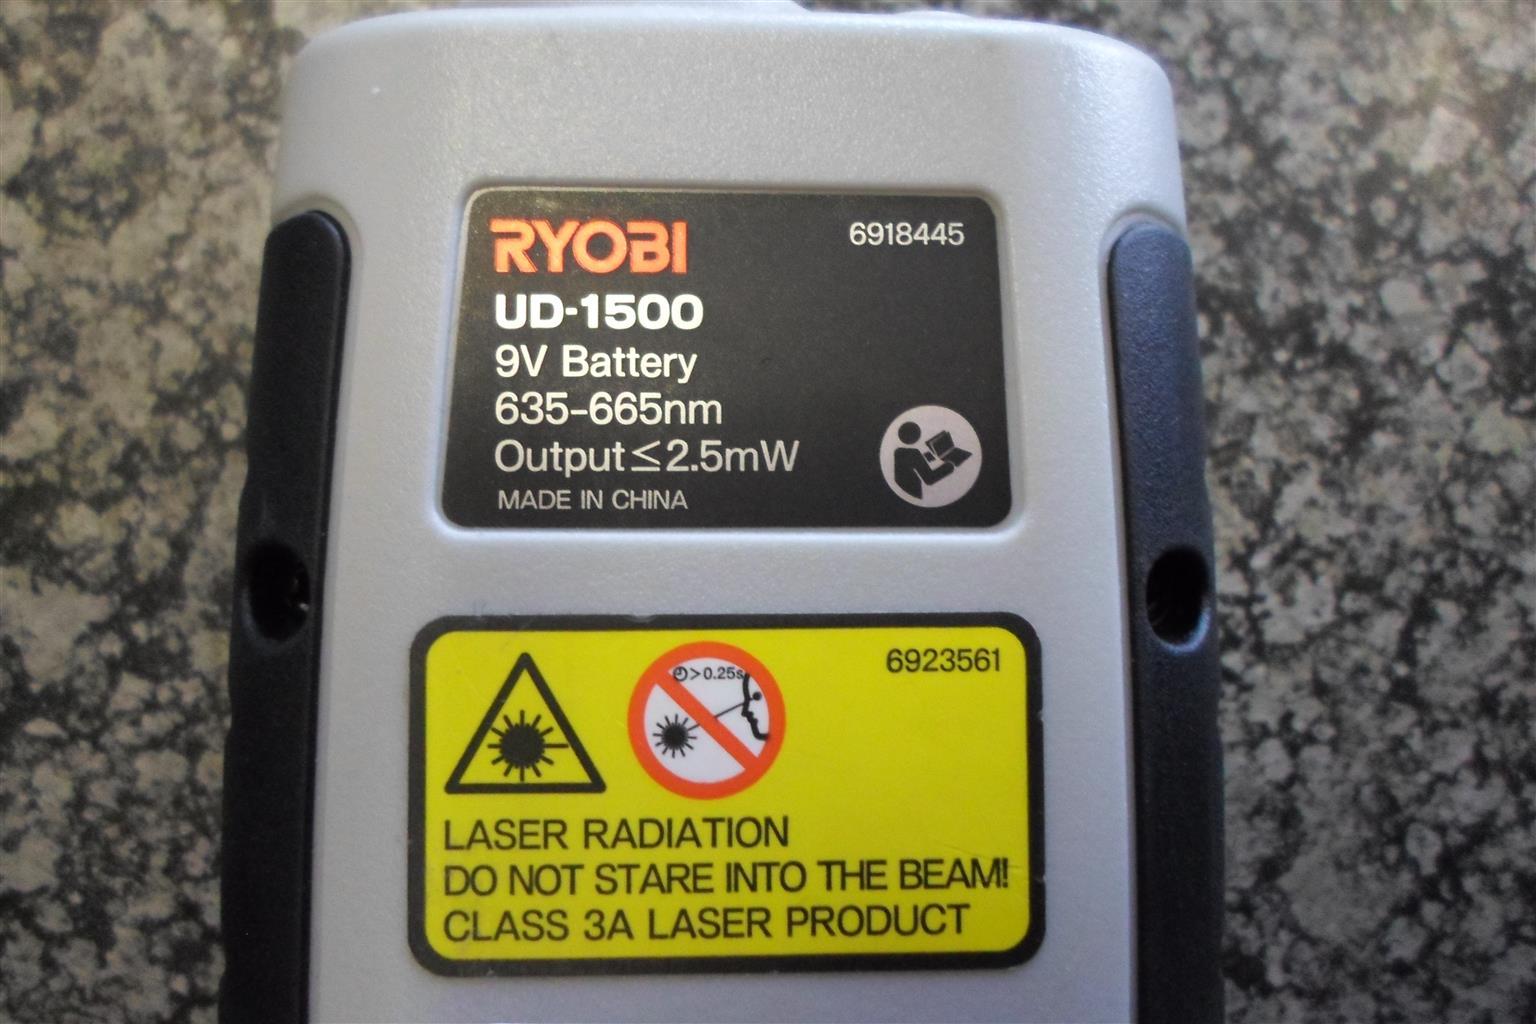 Ryobi UD-1500 Level Laser